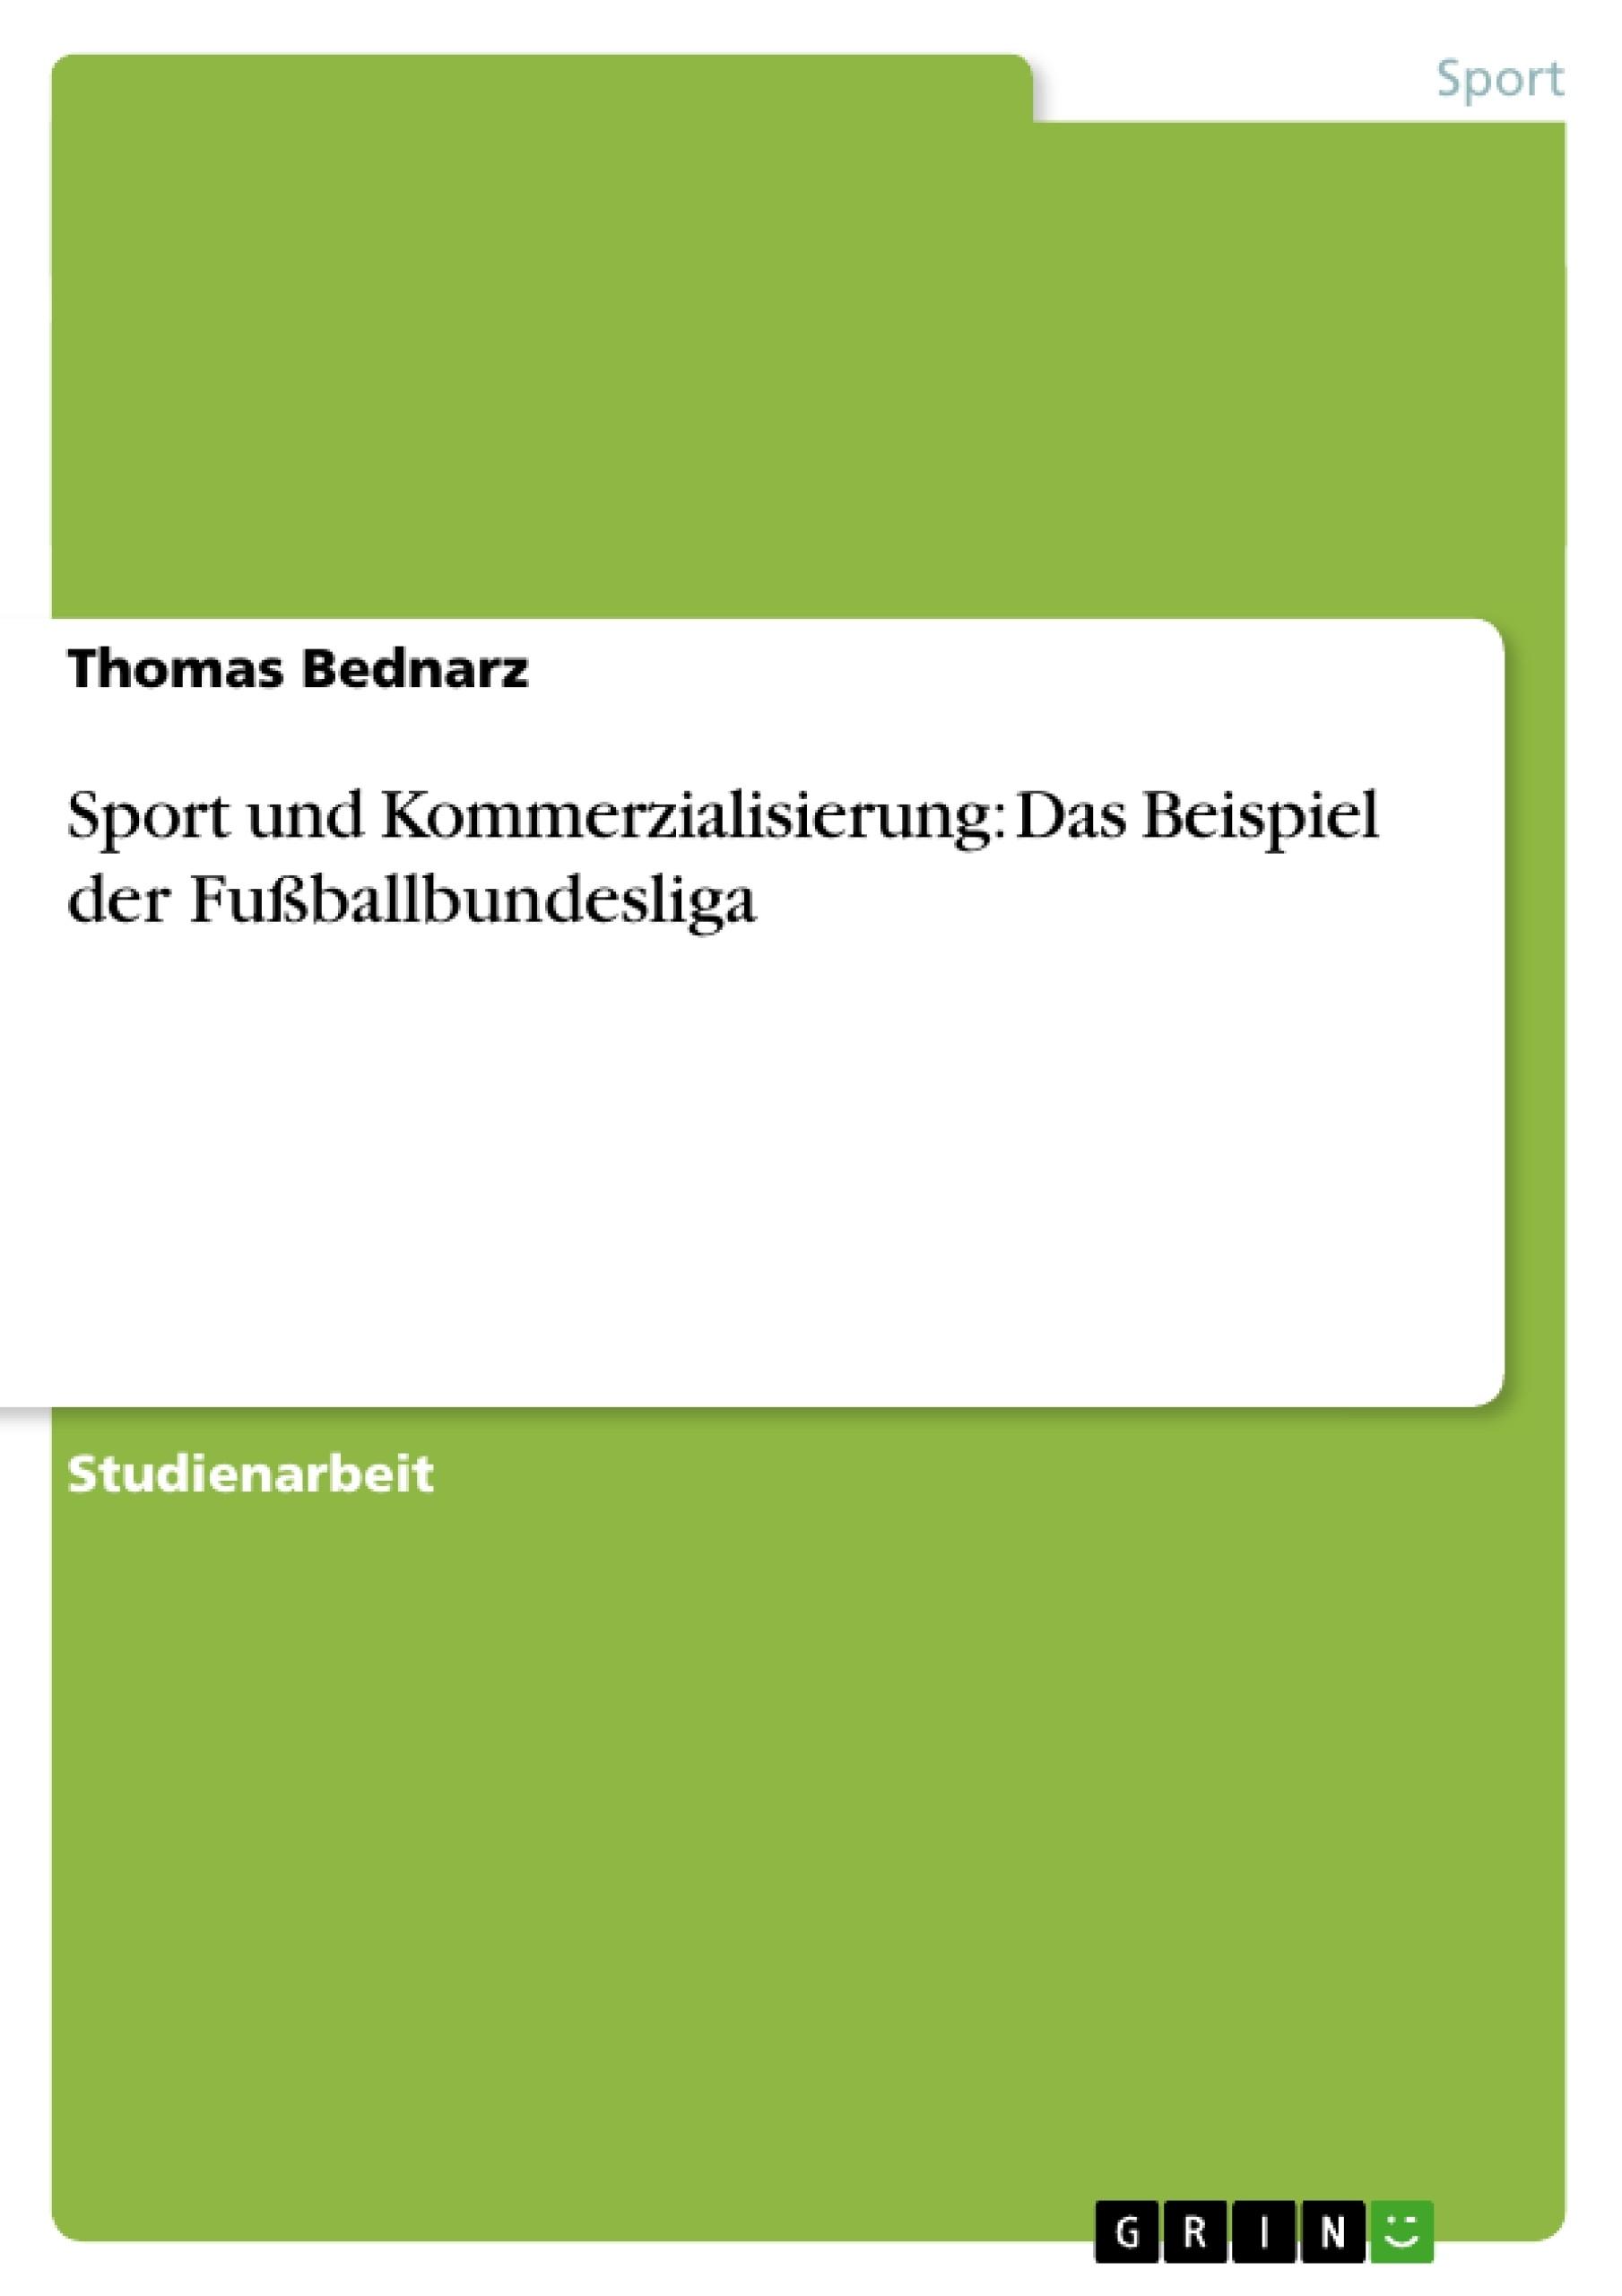 Titel: Sport und Kommerzialisierung: Das Beispiel der Fußballbundesliga